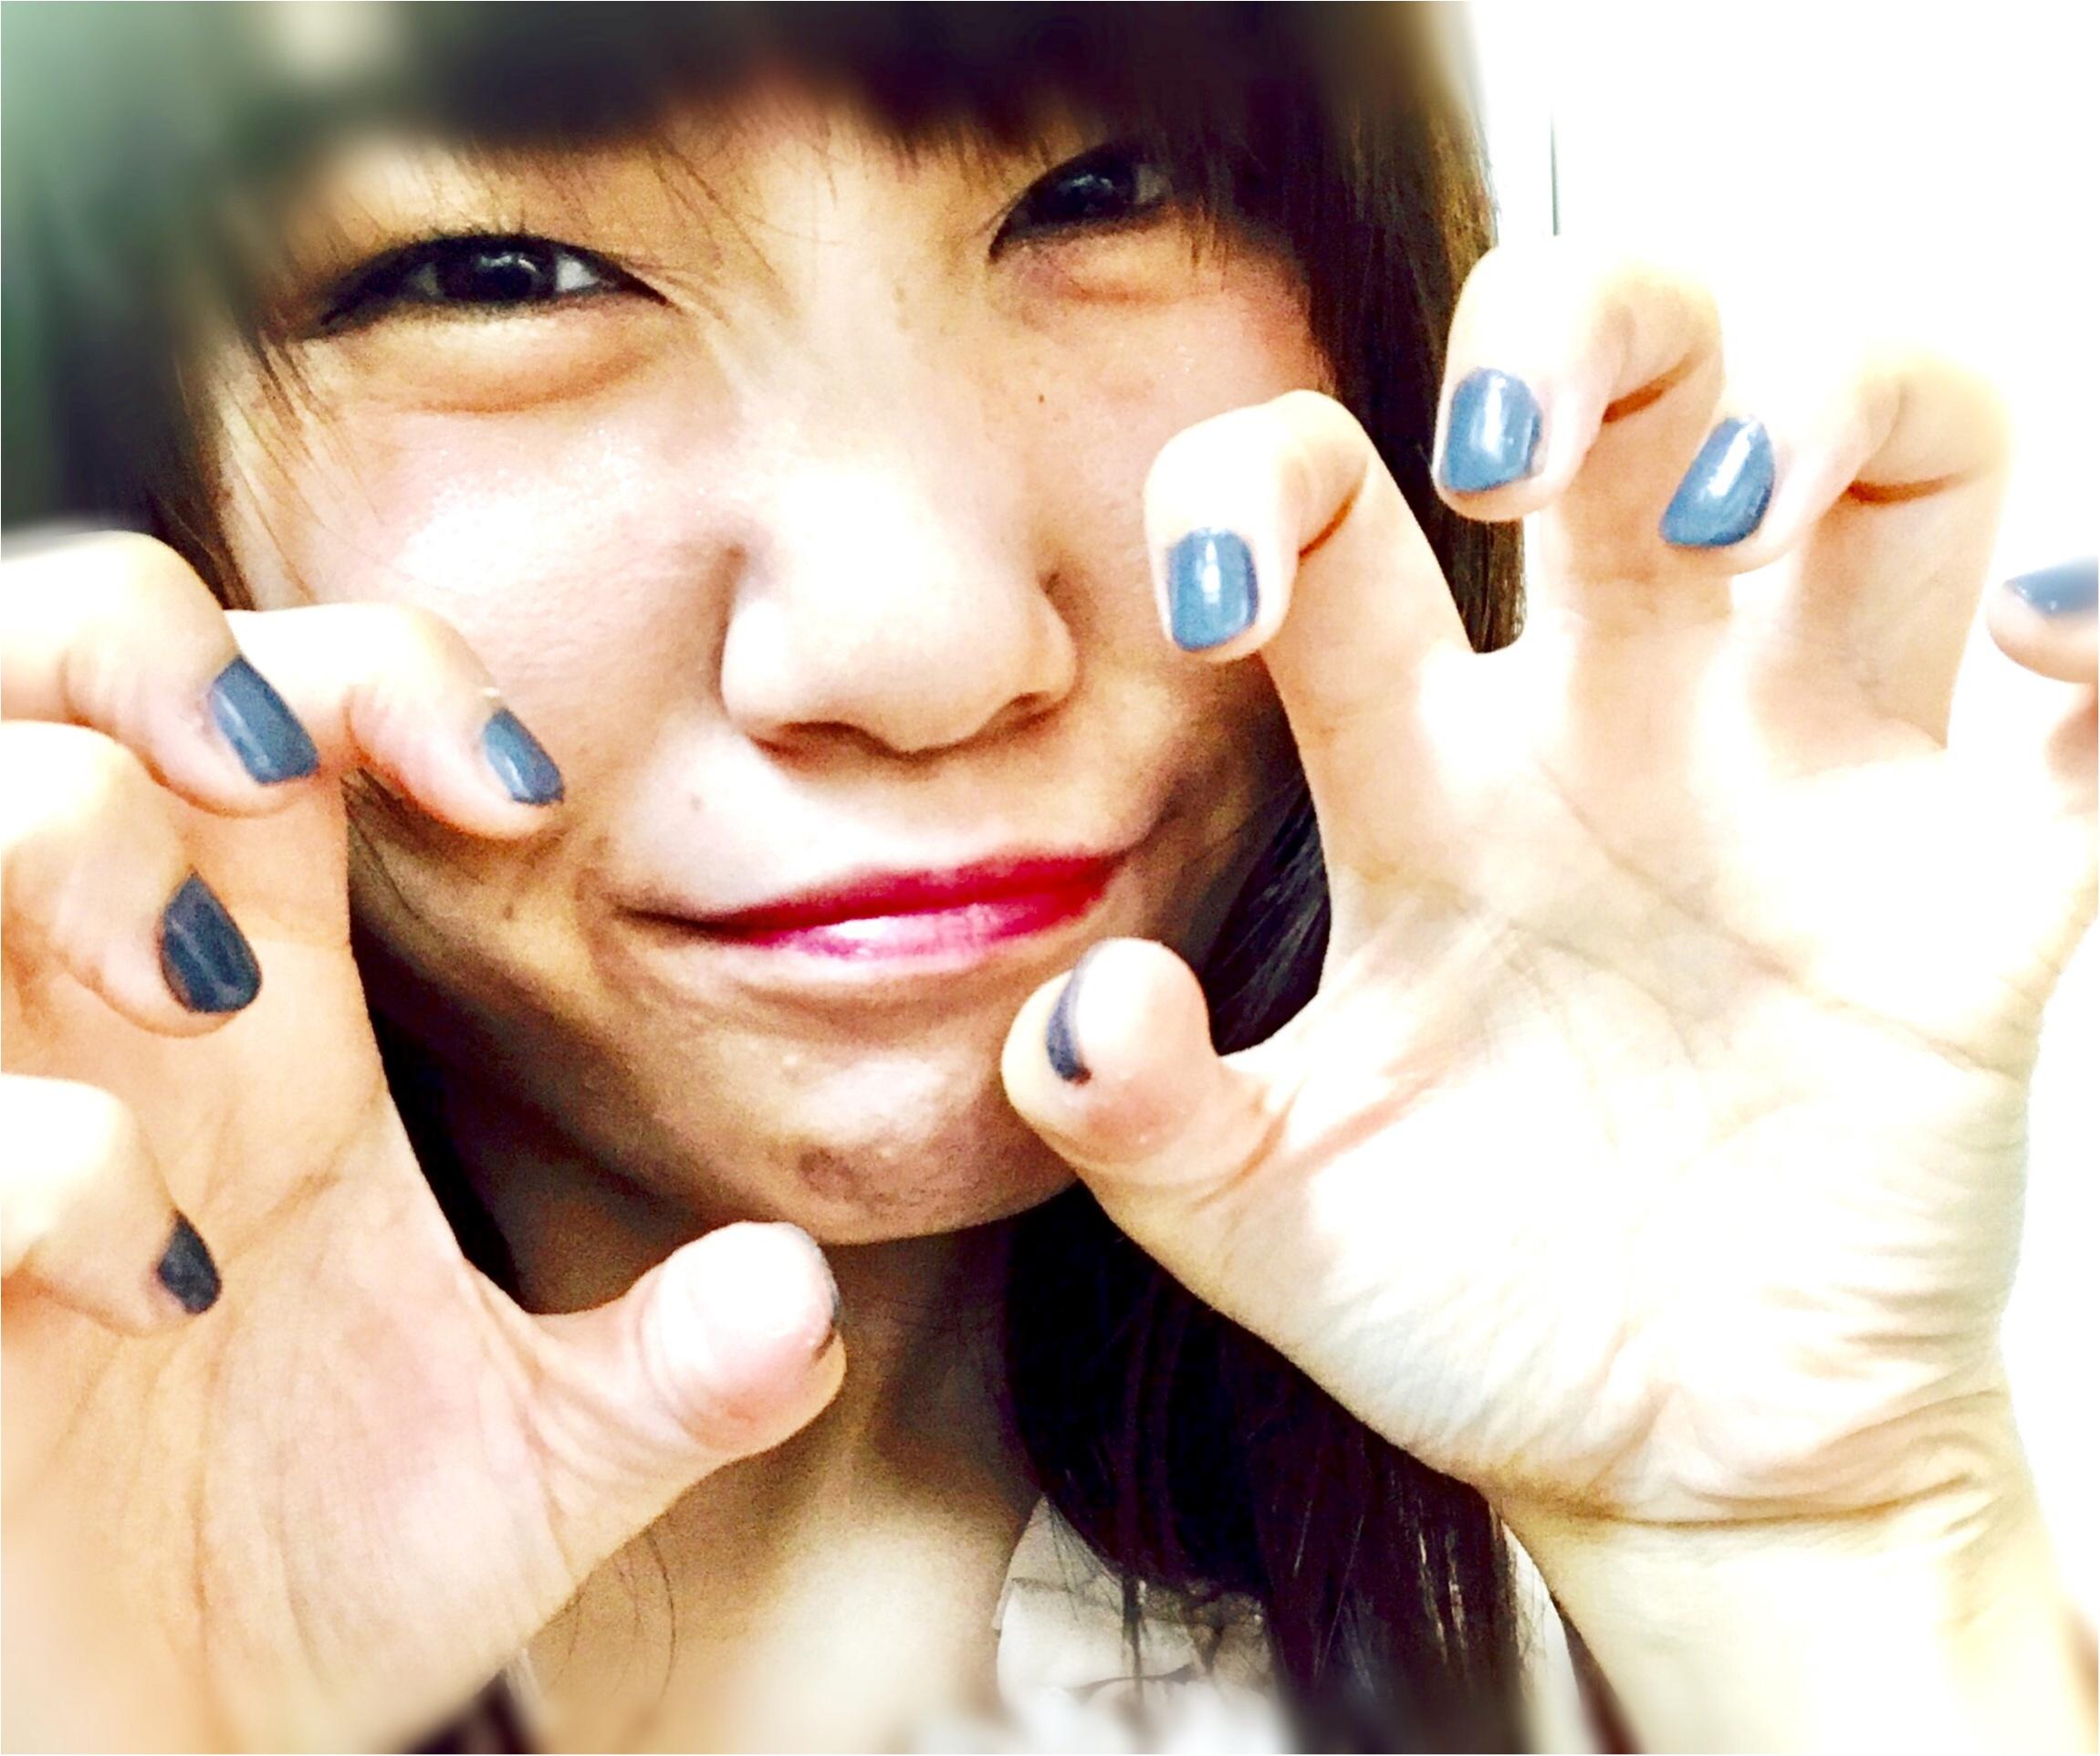 【秋ネイル】YSLのグレーでこっくりセルフネイルが可愛い♡♡♡_6